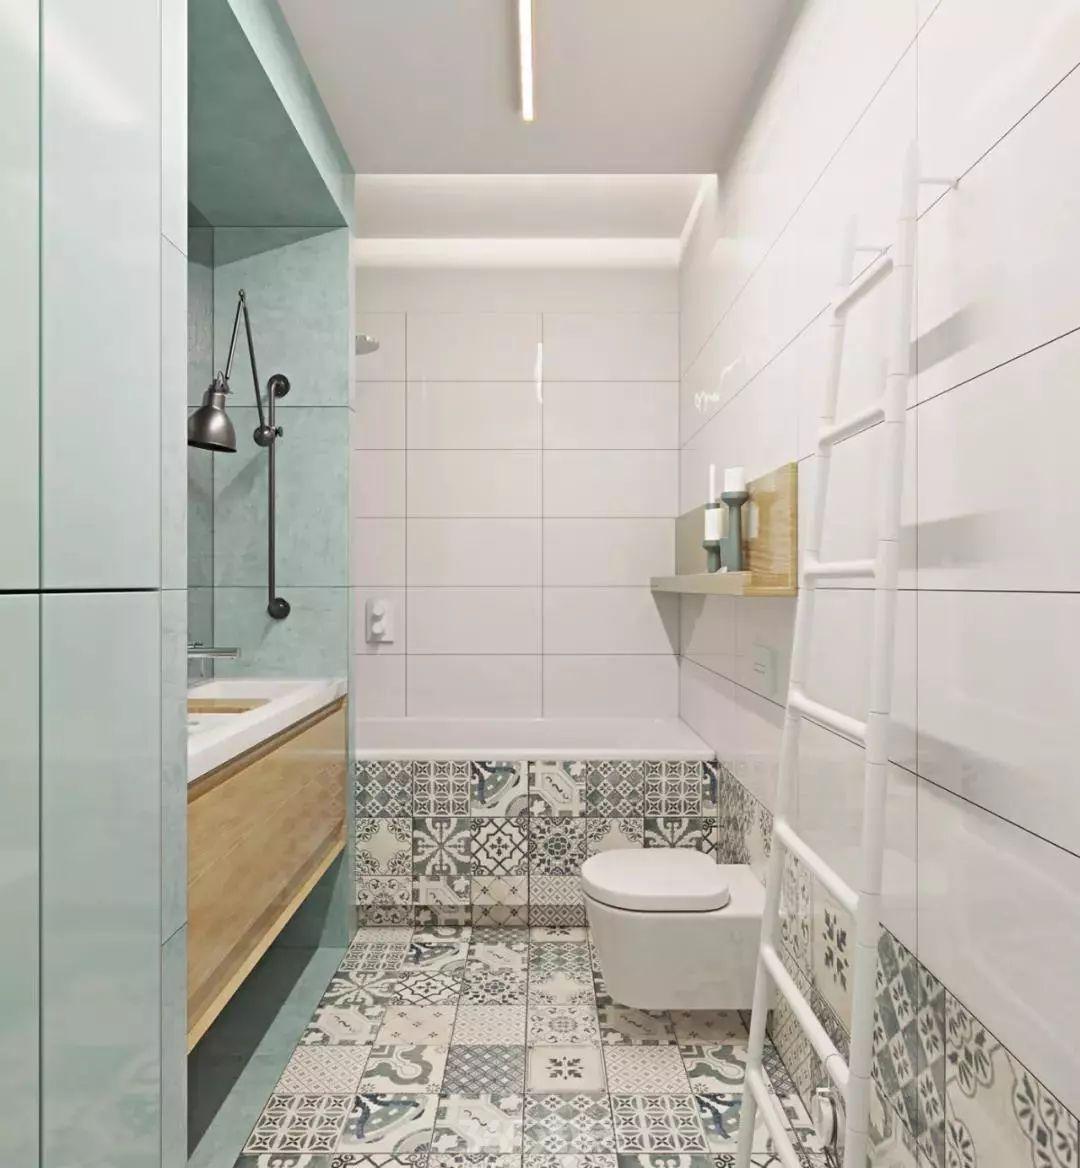 地面瓷砖铺贴方案_地面铺贴方式这么多种,看下你家小户型适合怎样的-365淘房